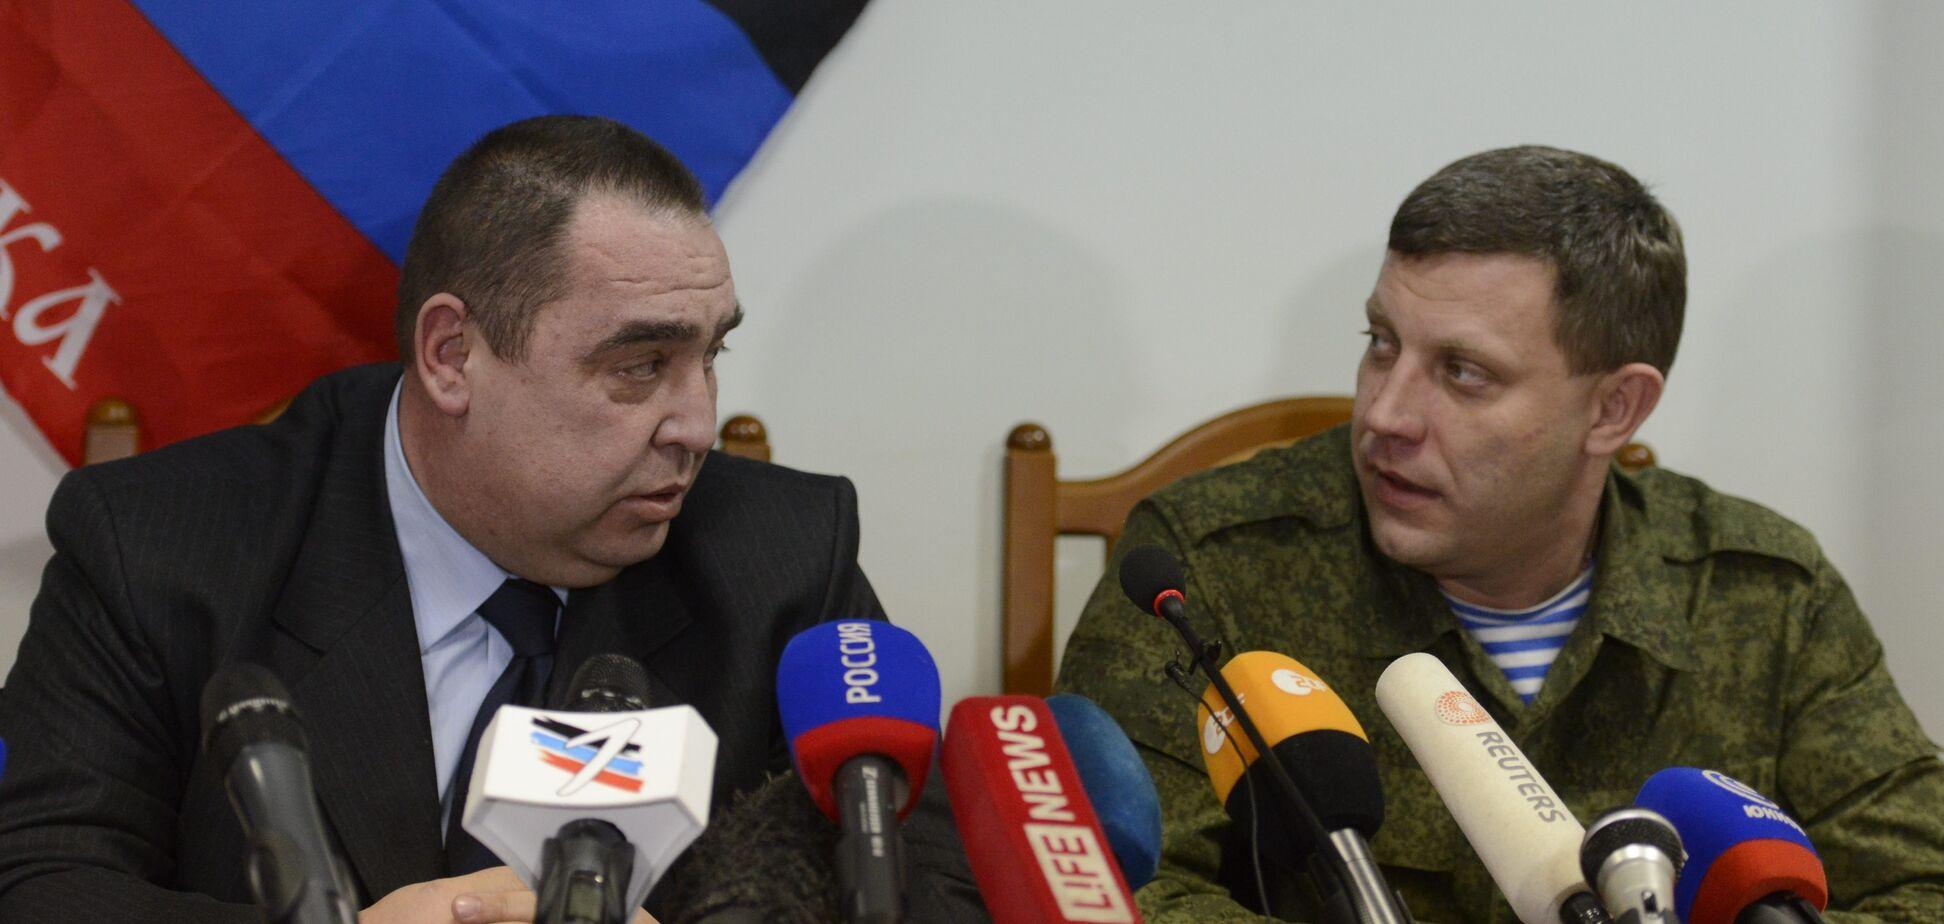 Навіщо Кремлю мавпи? У РФ їдко висміяли Захарченка та Плотницького